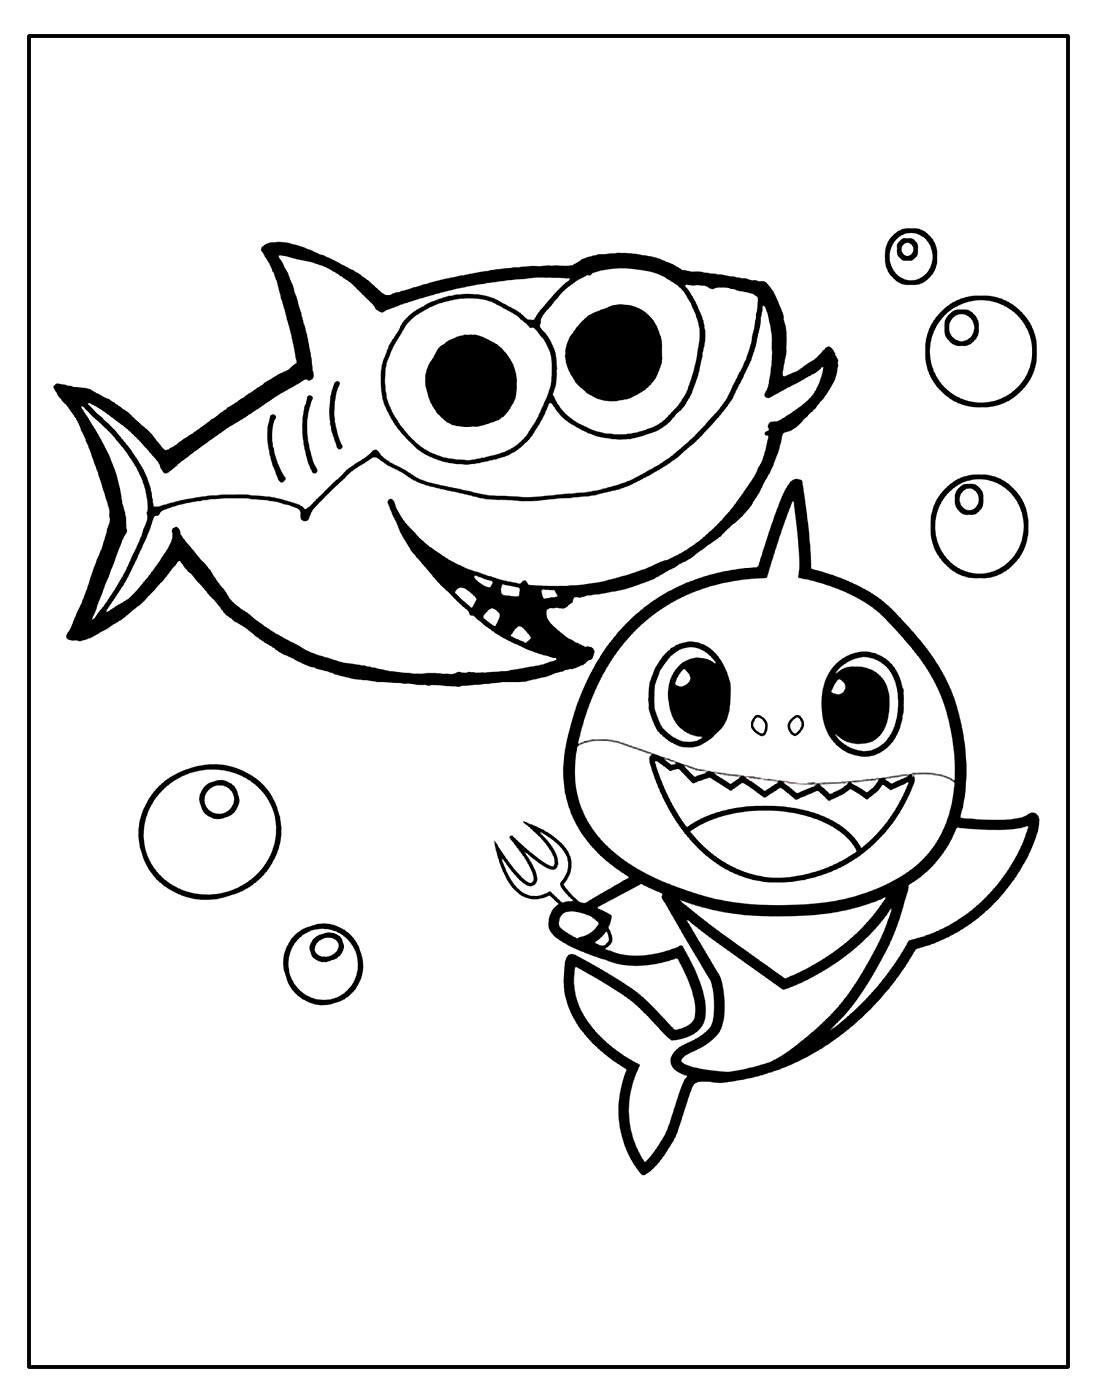 Página para colorir de Baby Shark